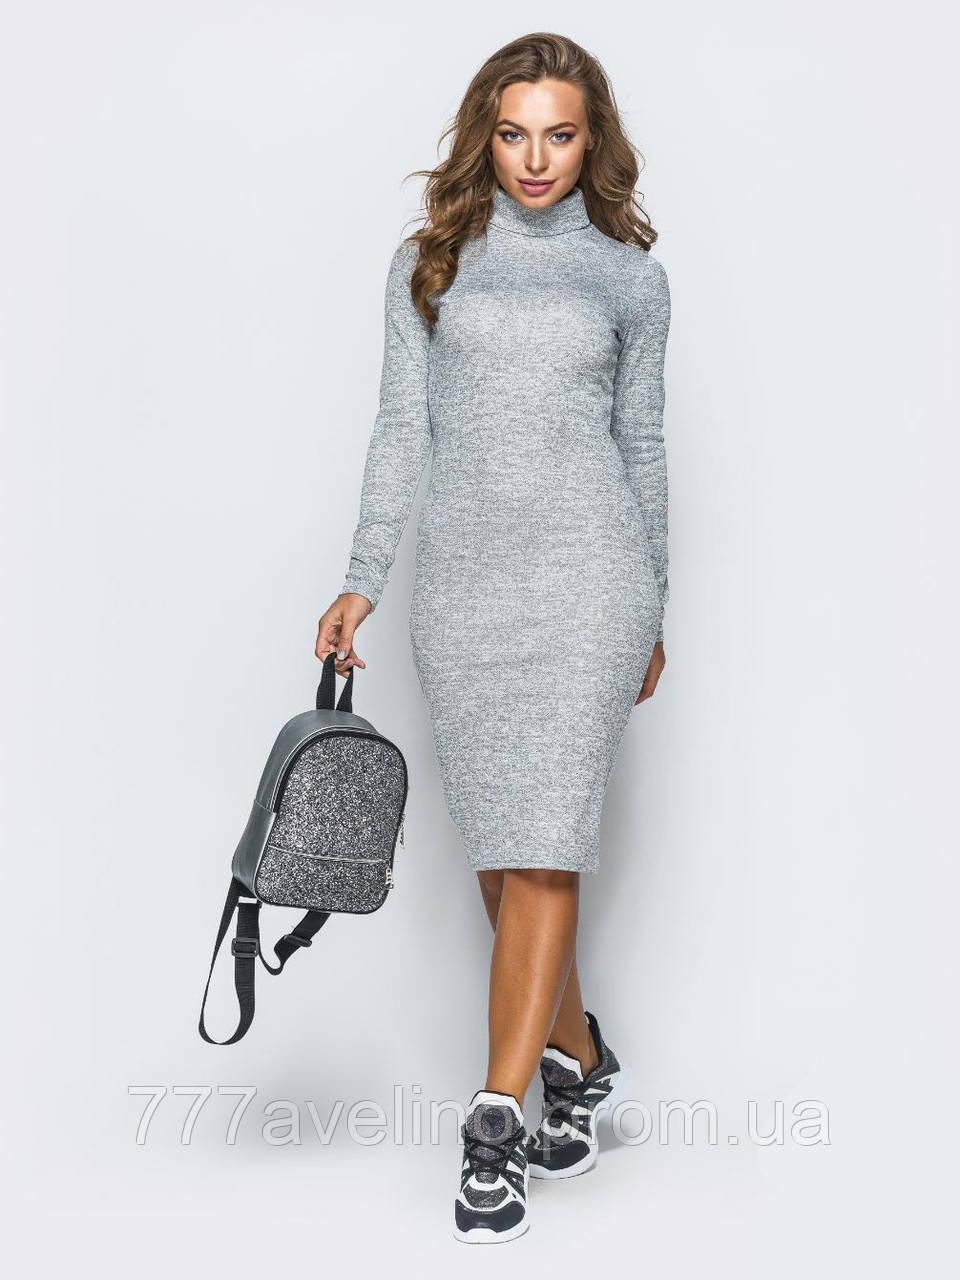 Платье гольф  модное платье водолазка